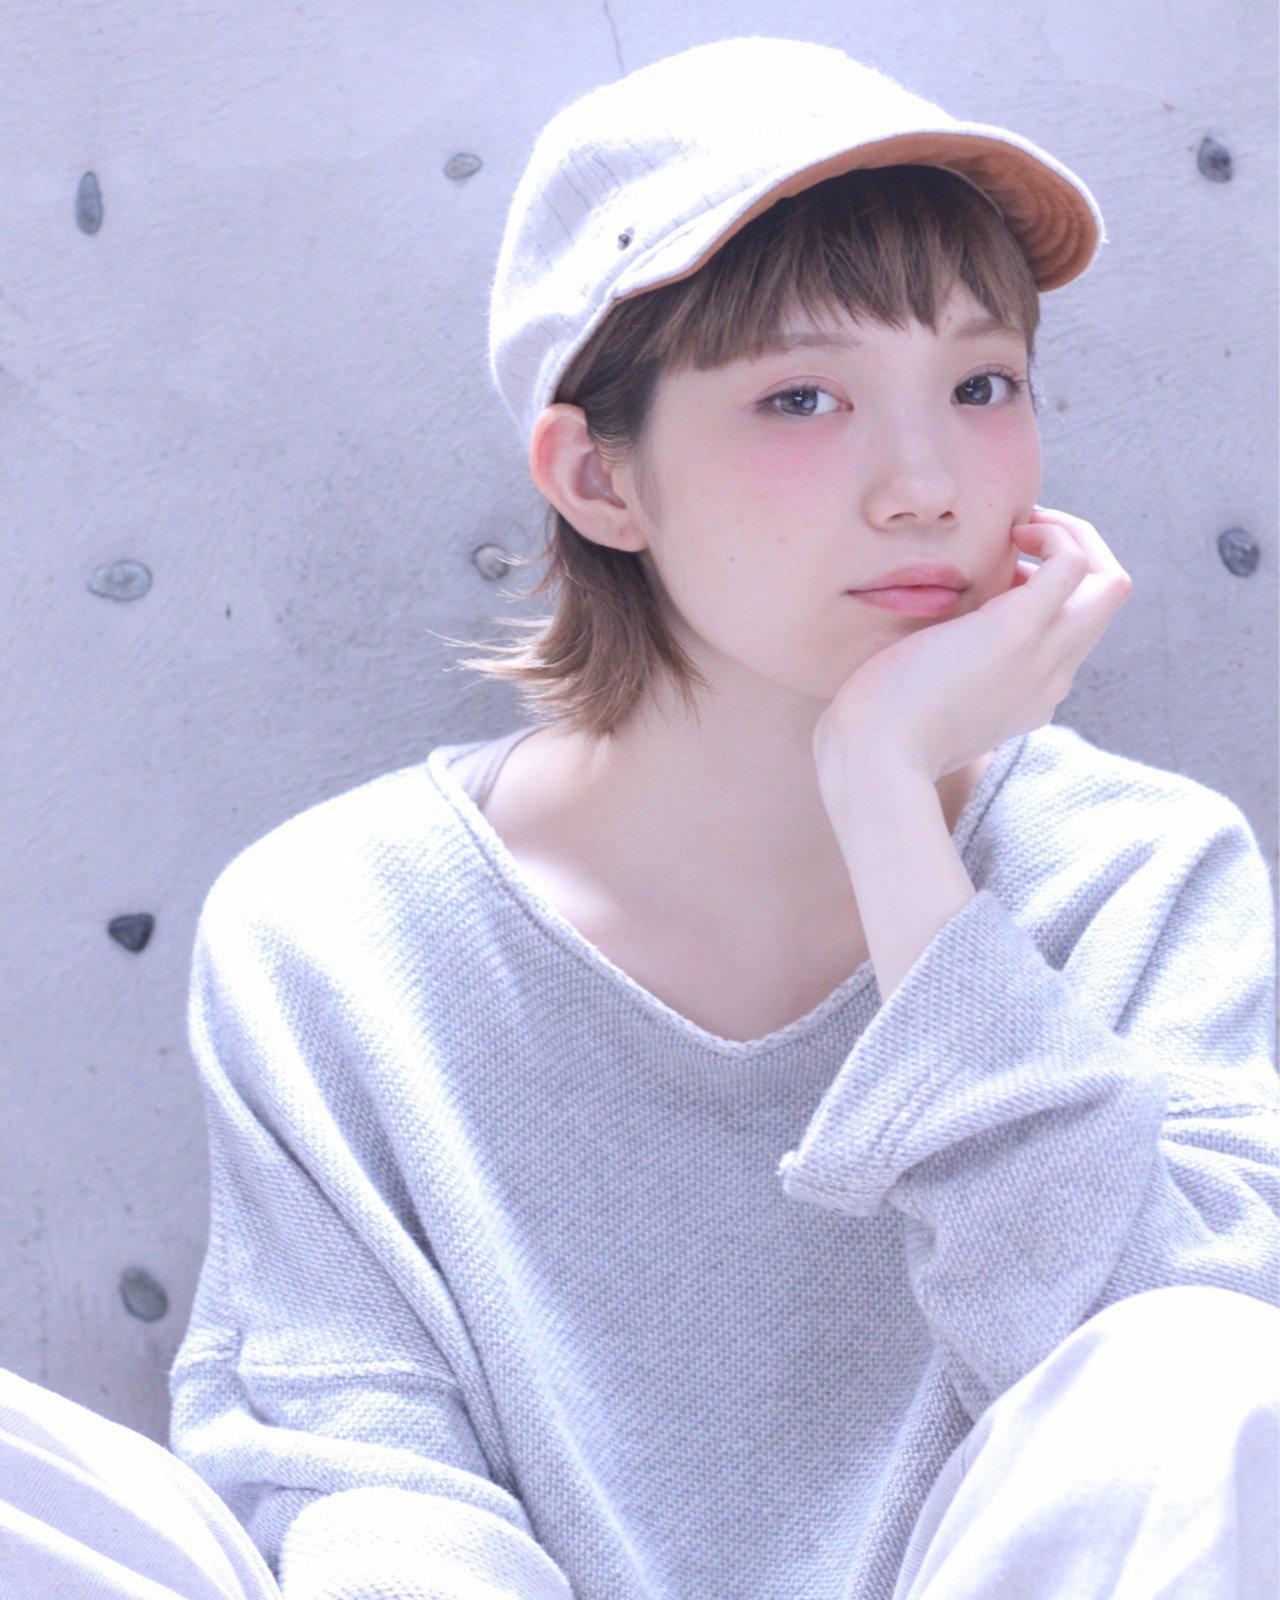 短髮×帽子